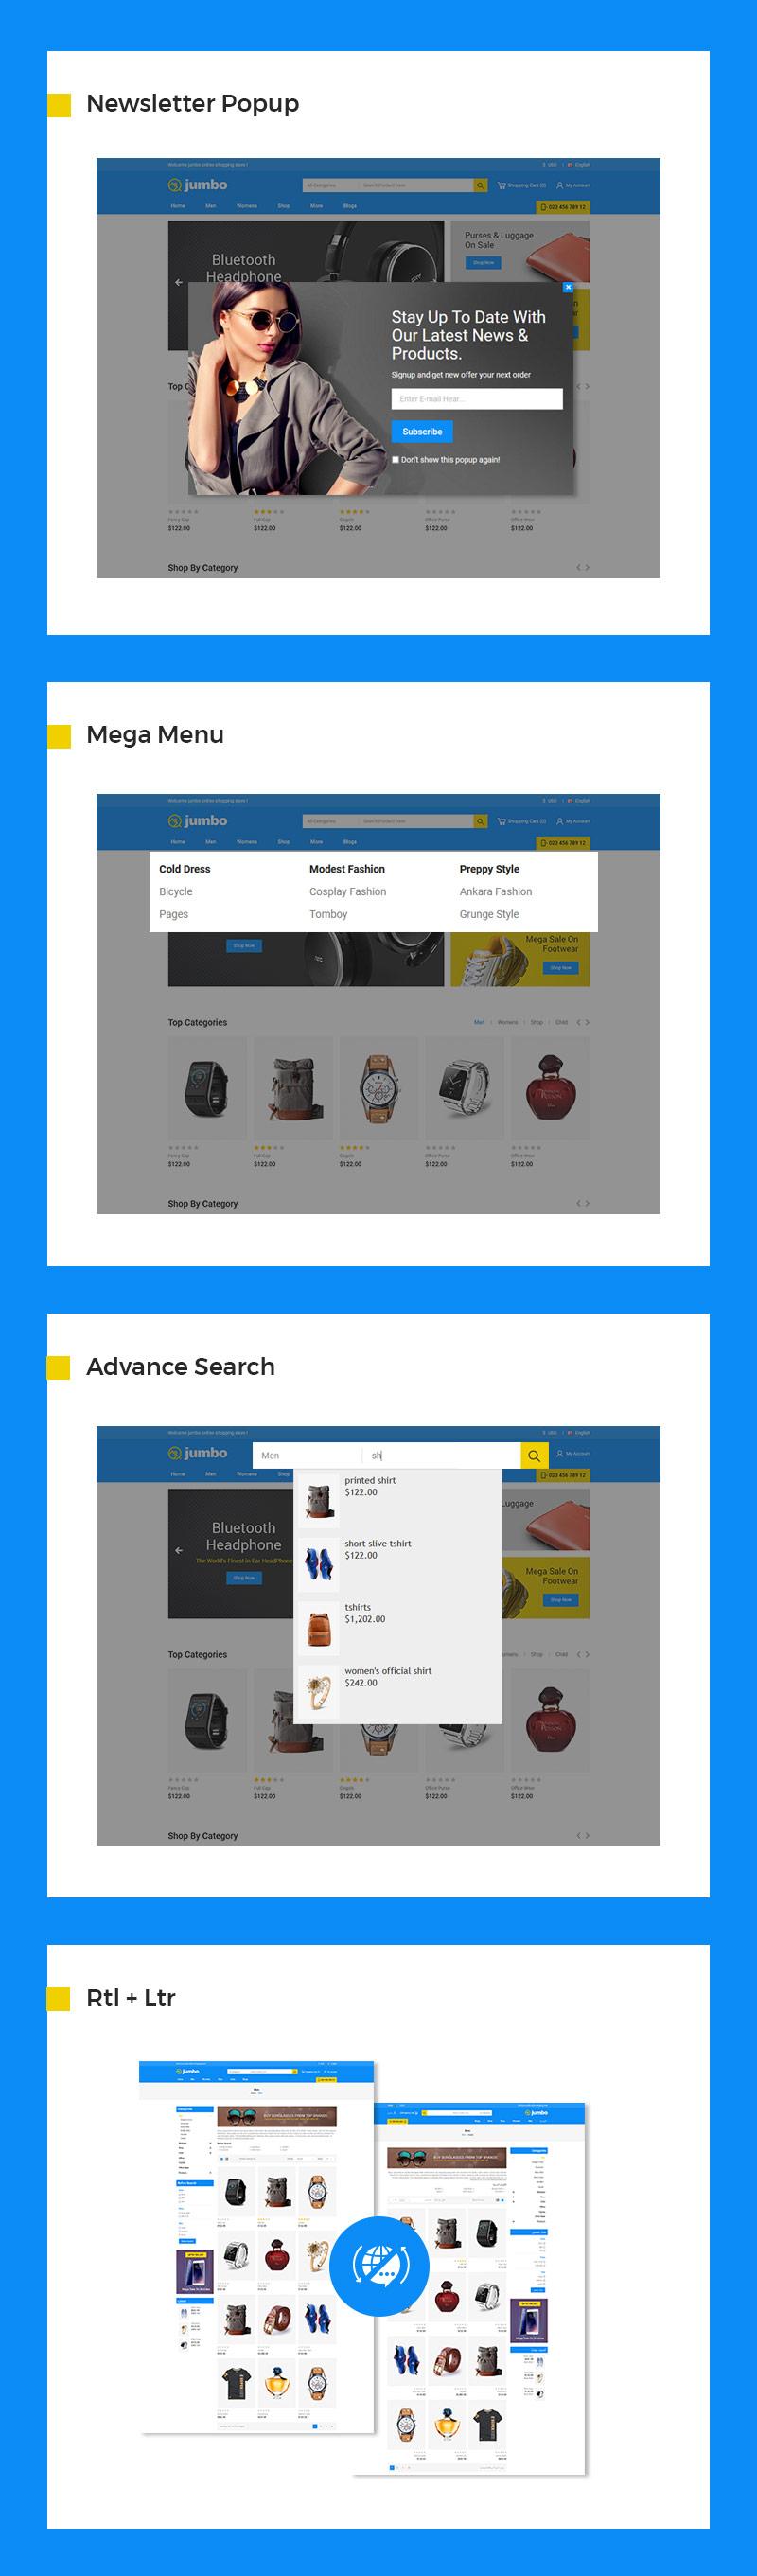 jumbo-features-2.jpg